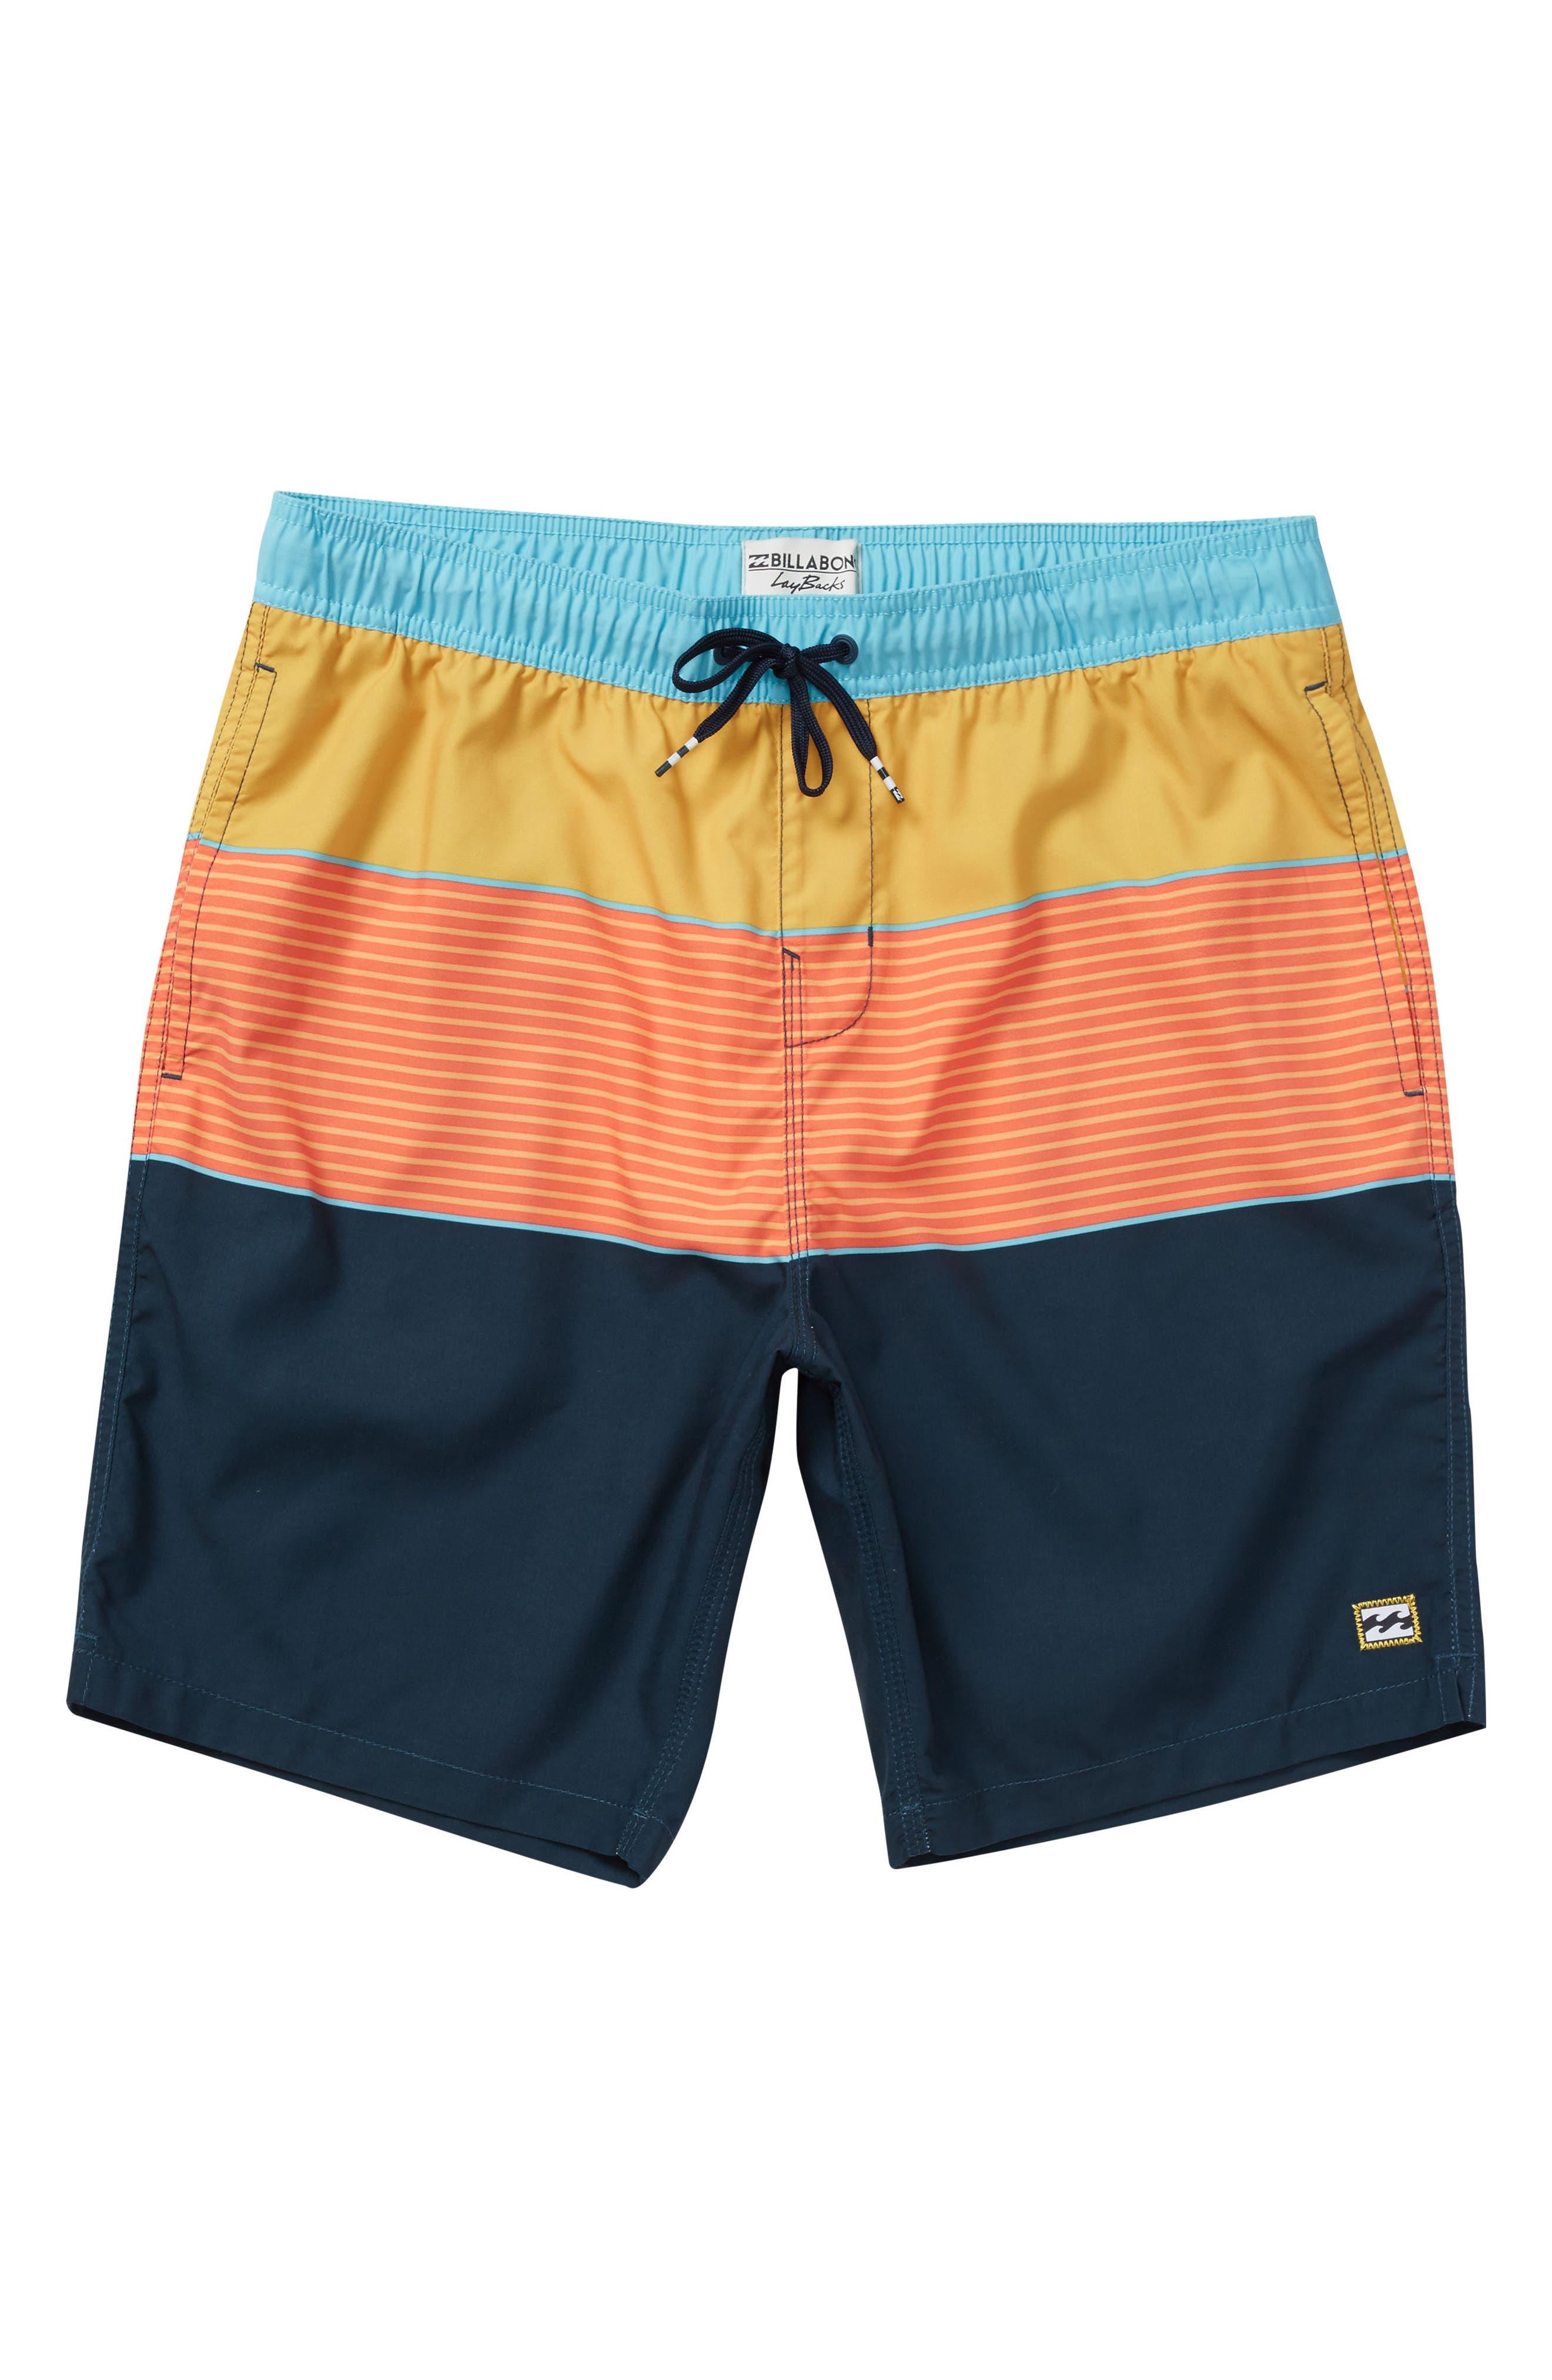 Tribong Layback Board Shorts,                             Main thumbnail 1, color,                             Orange